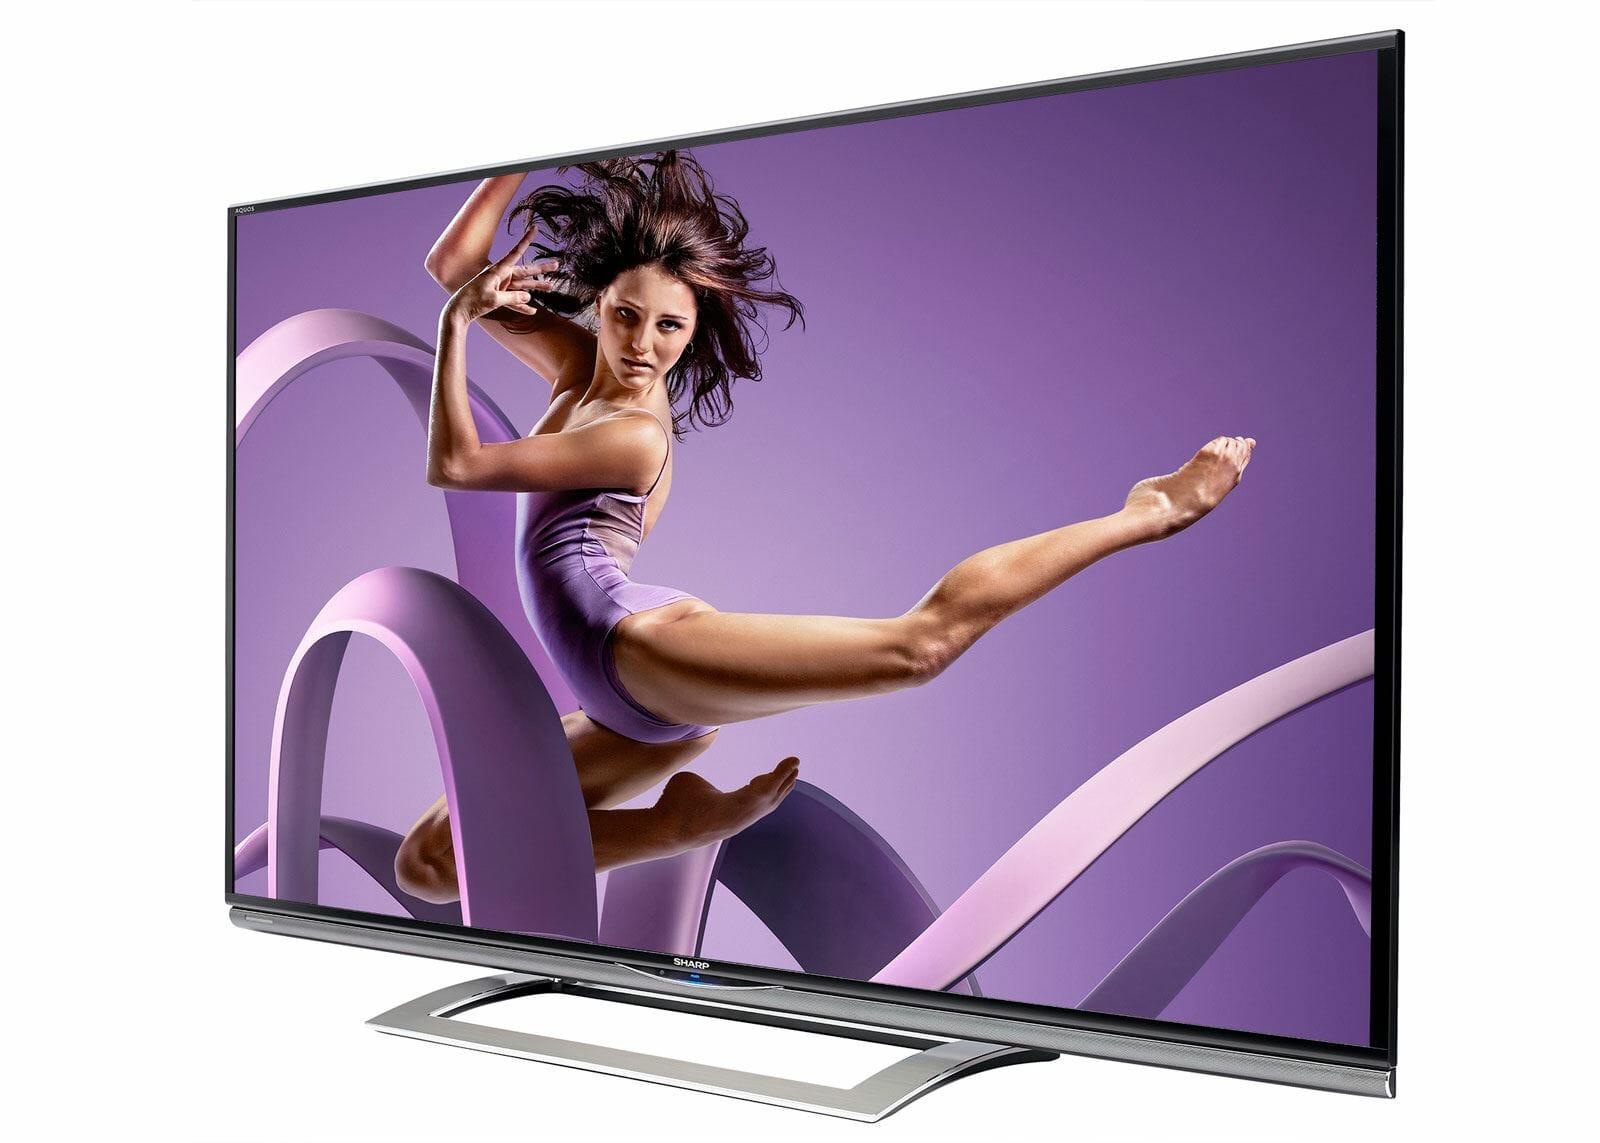 Sharp AQUOS LED 4K ULTRA HD mit THX Display